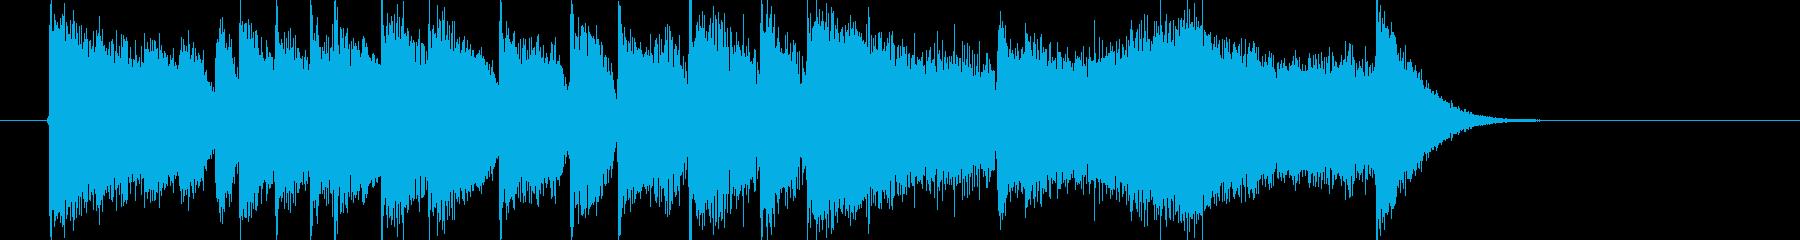 煌びやかでメロディアスなジングルの再生済みの波形